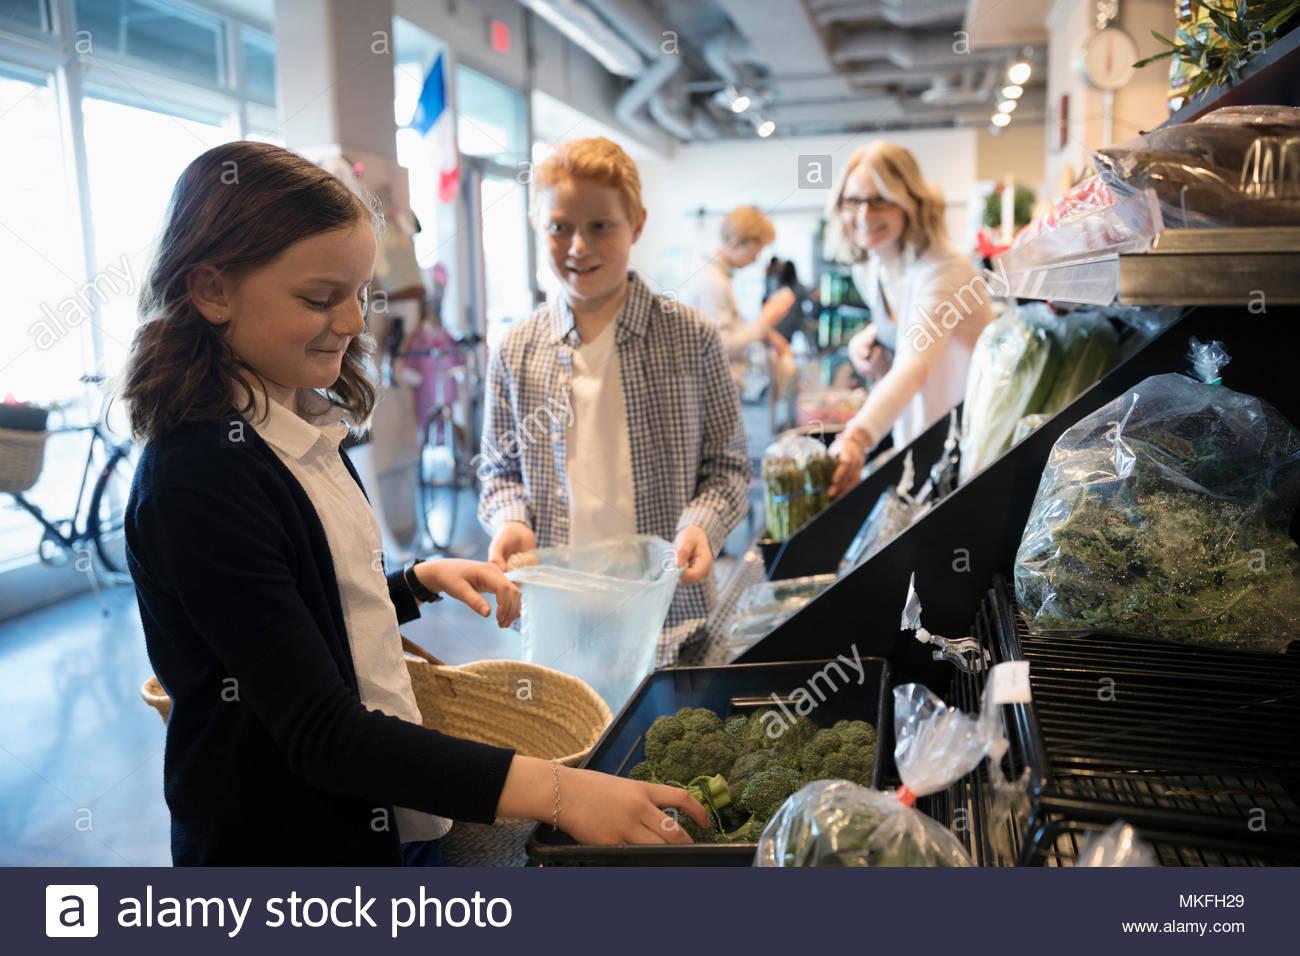 Chica de compras de comestibles con la familia, eligiendo el brócoli en el mercado Imagen De Stock